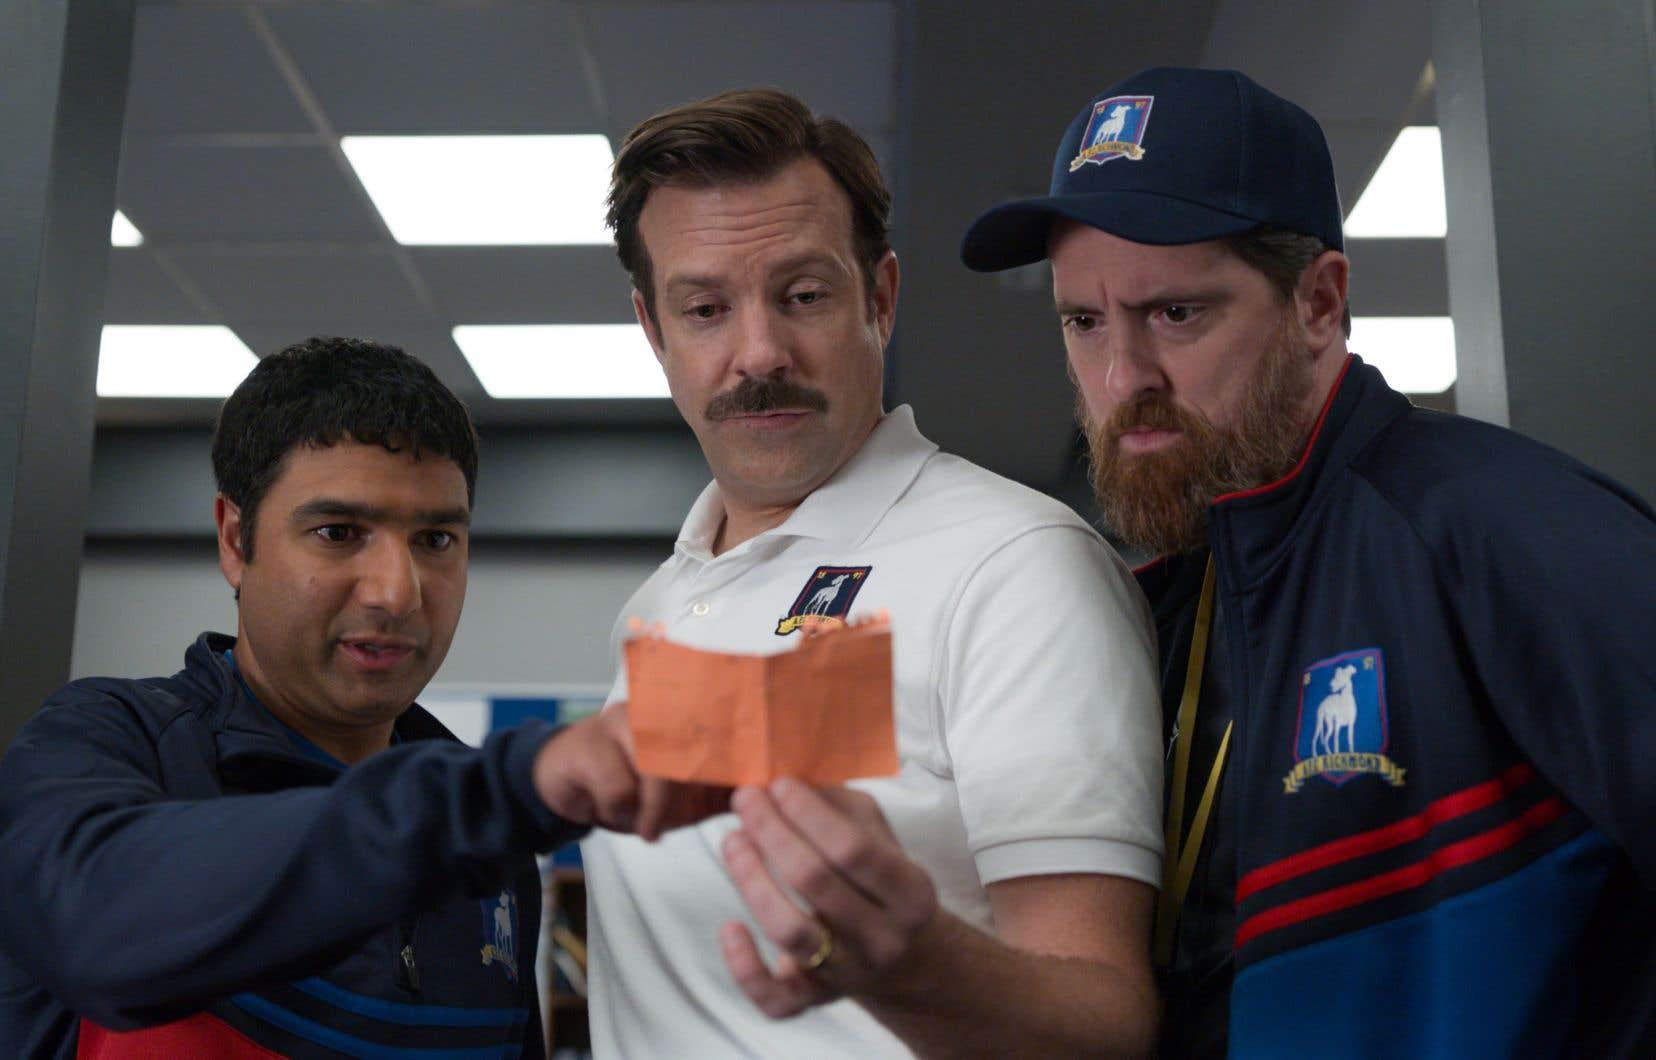 Le coach  Ted Lasso  (Jason  Sudeikis)  planifie une  stratégie pour ses joueurs  entouré de ses fidèles acolytes incarnés par Nick Mohammed (à gauche)  et Brendan Hunt  (à droite).